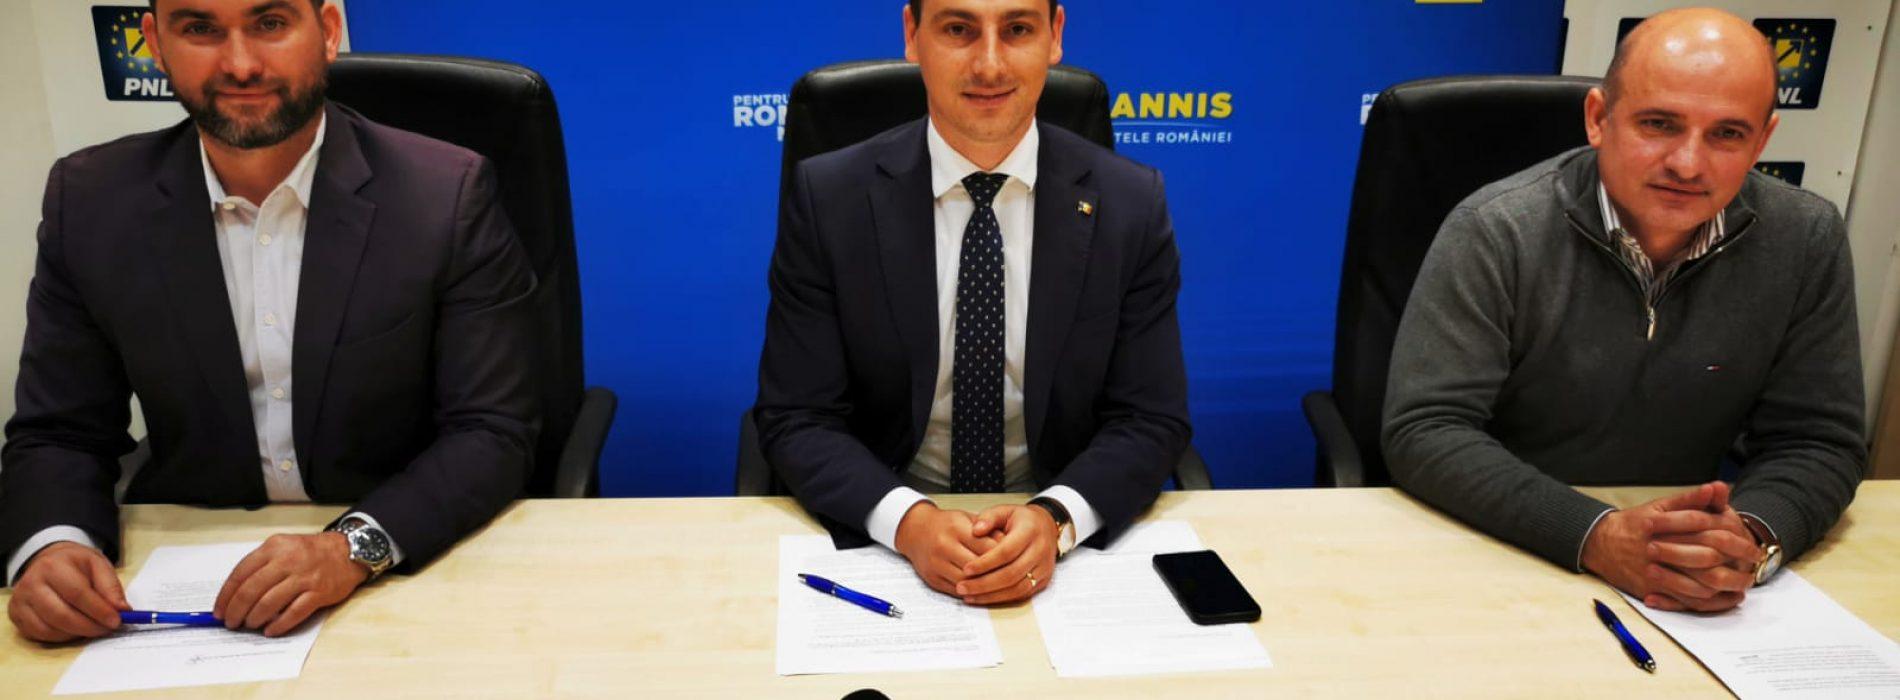 Ionel Bogdan (PNL) îi RĂSPUNDE discursului XENOFOB al deputatului PSD Călin Matei